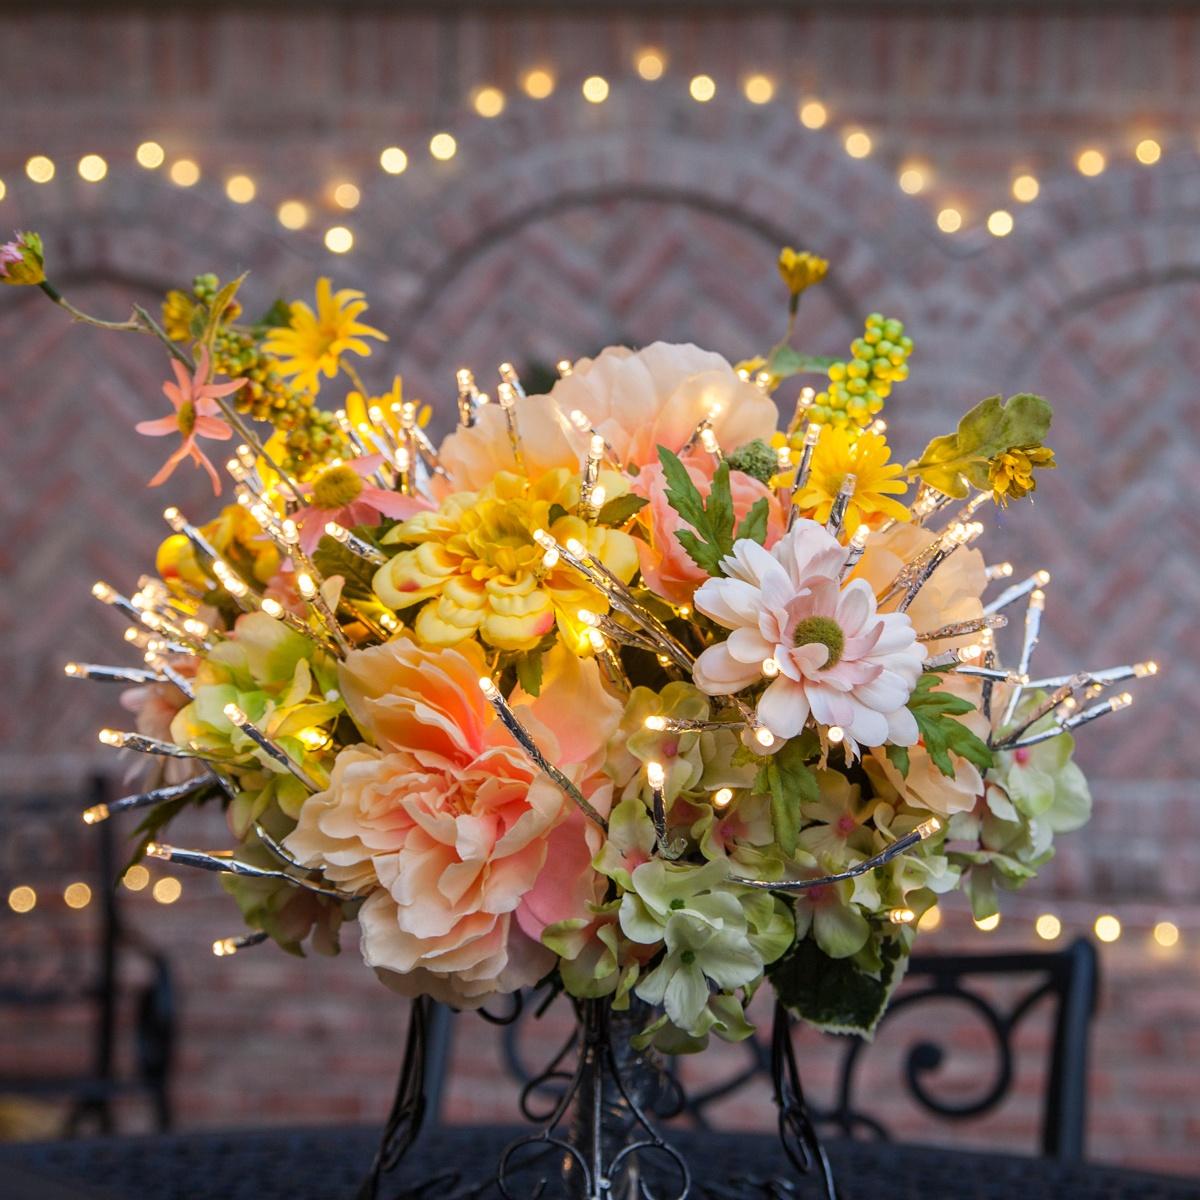 Starburst Lighted Branch DIY Flower Arrangement